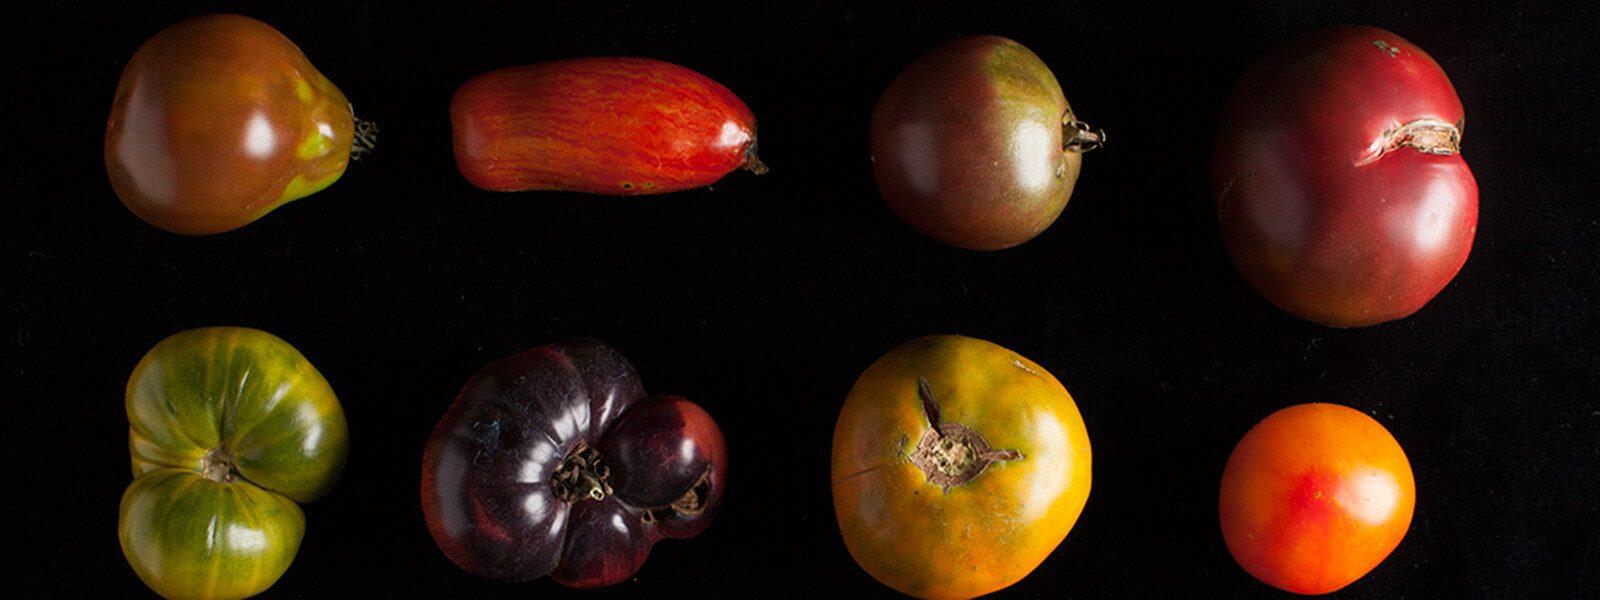 8 heirloom tomatoes.